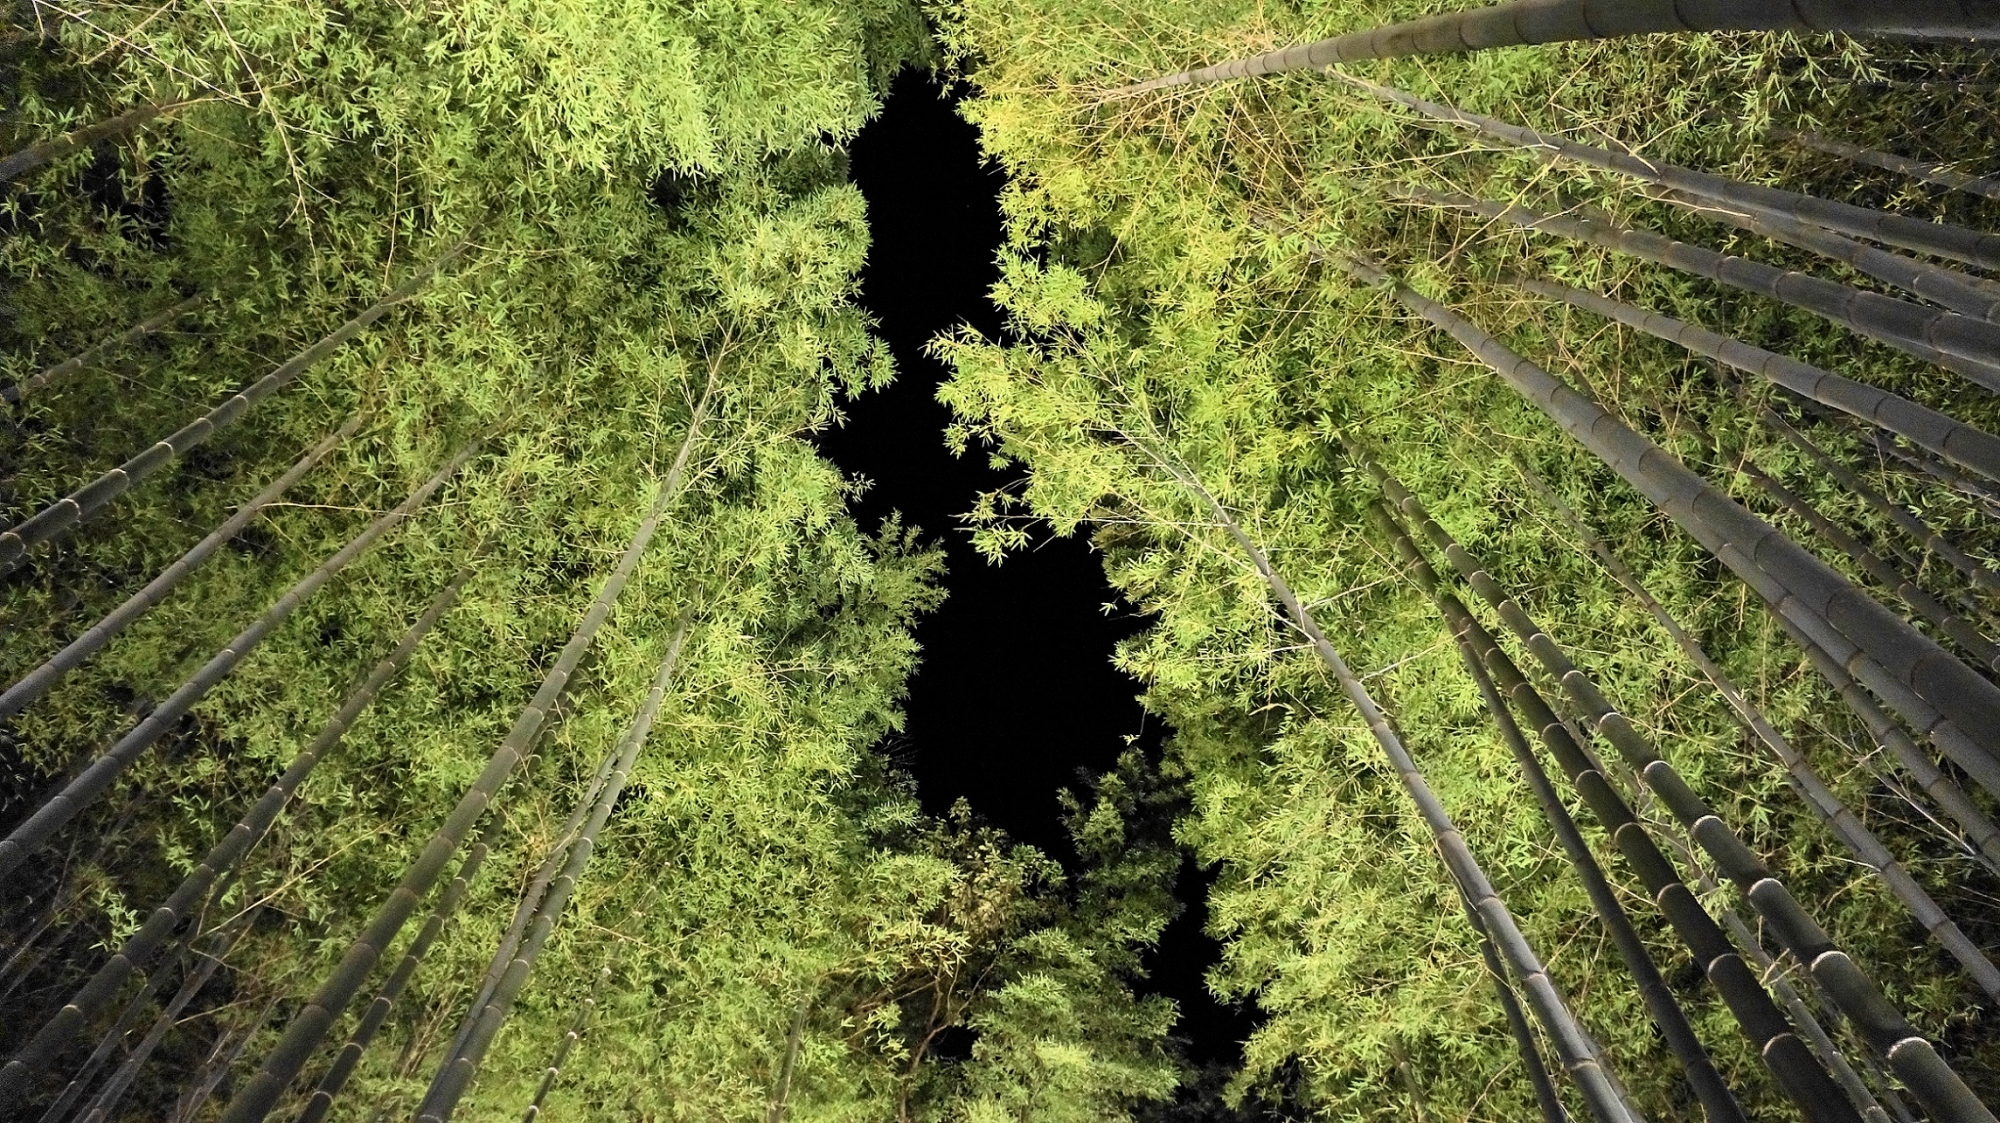 嵐山花灯路の竹林